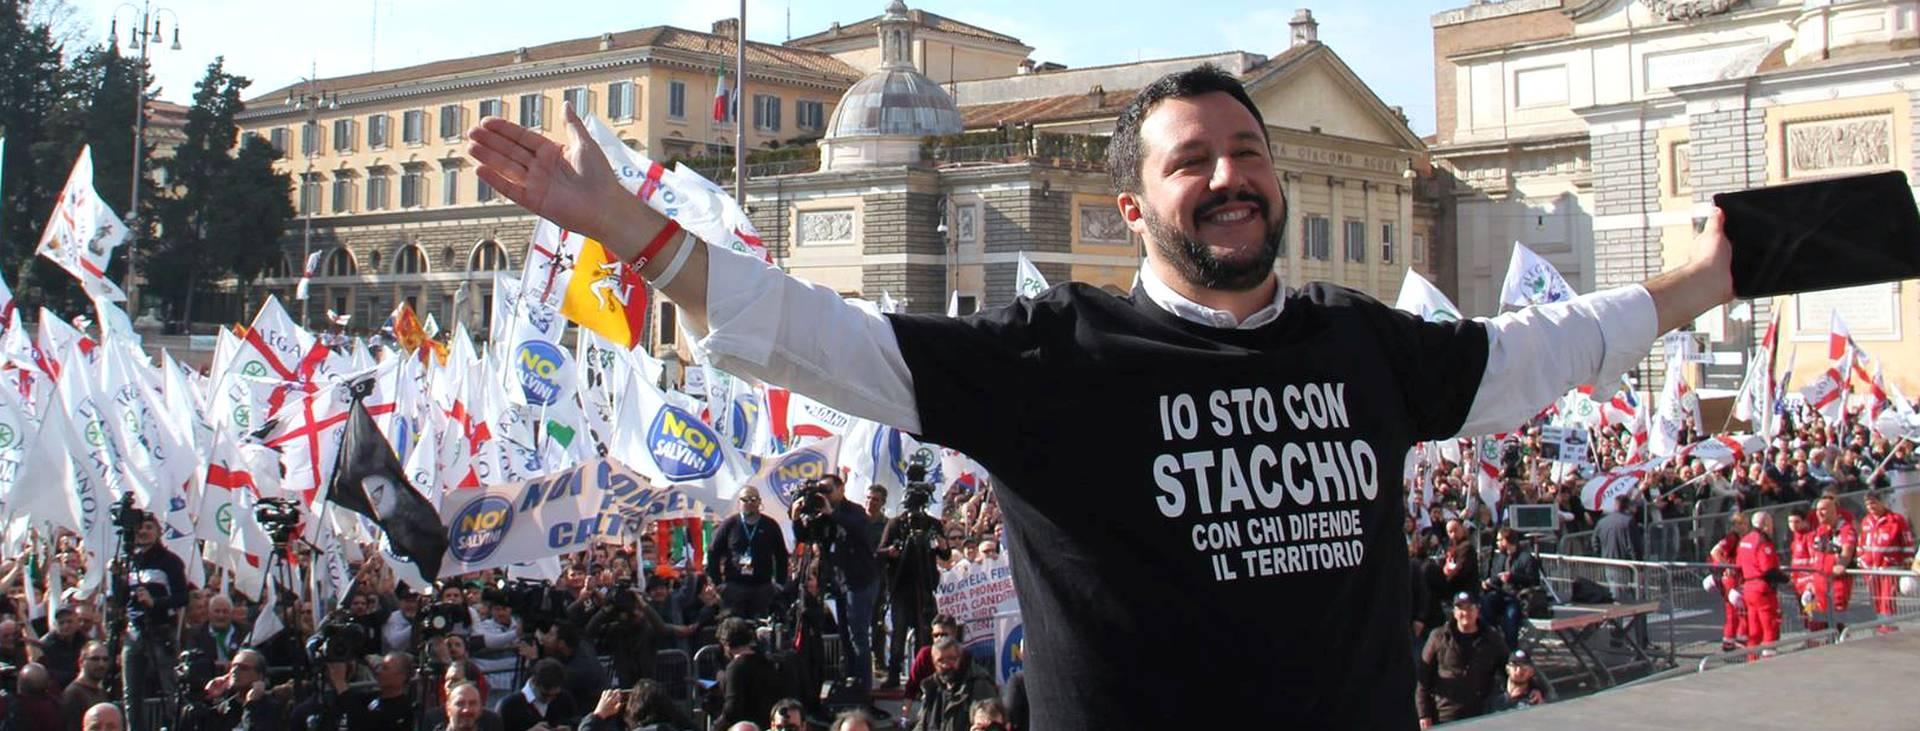 U NACIONALU PROČITAJTE: Bauk fašizma ponovo vlada Italijom